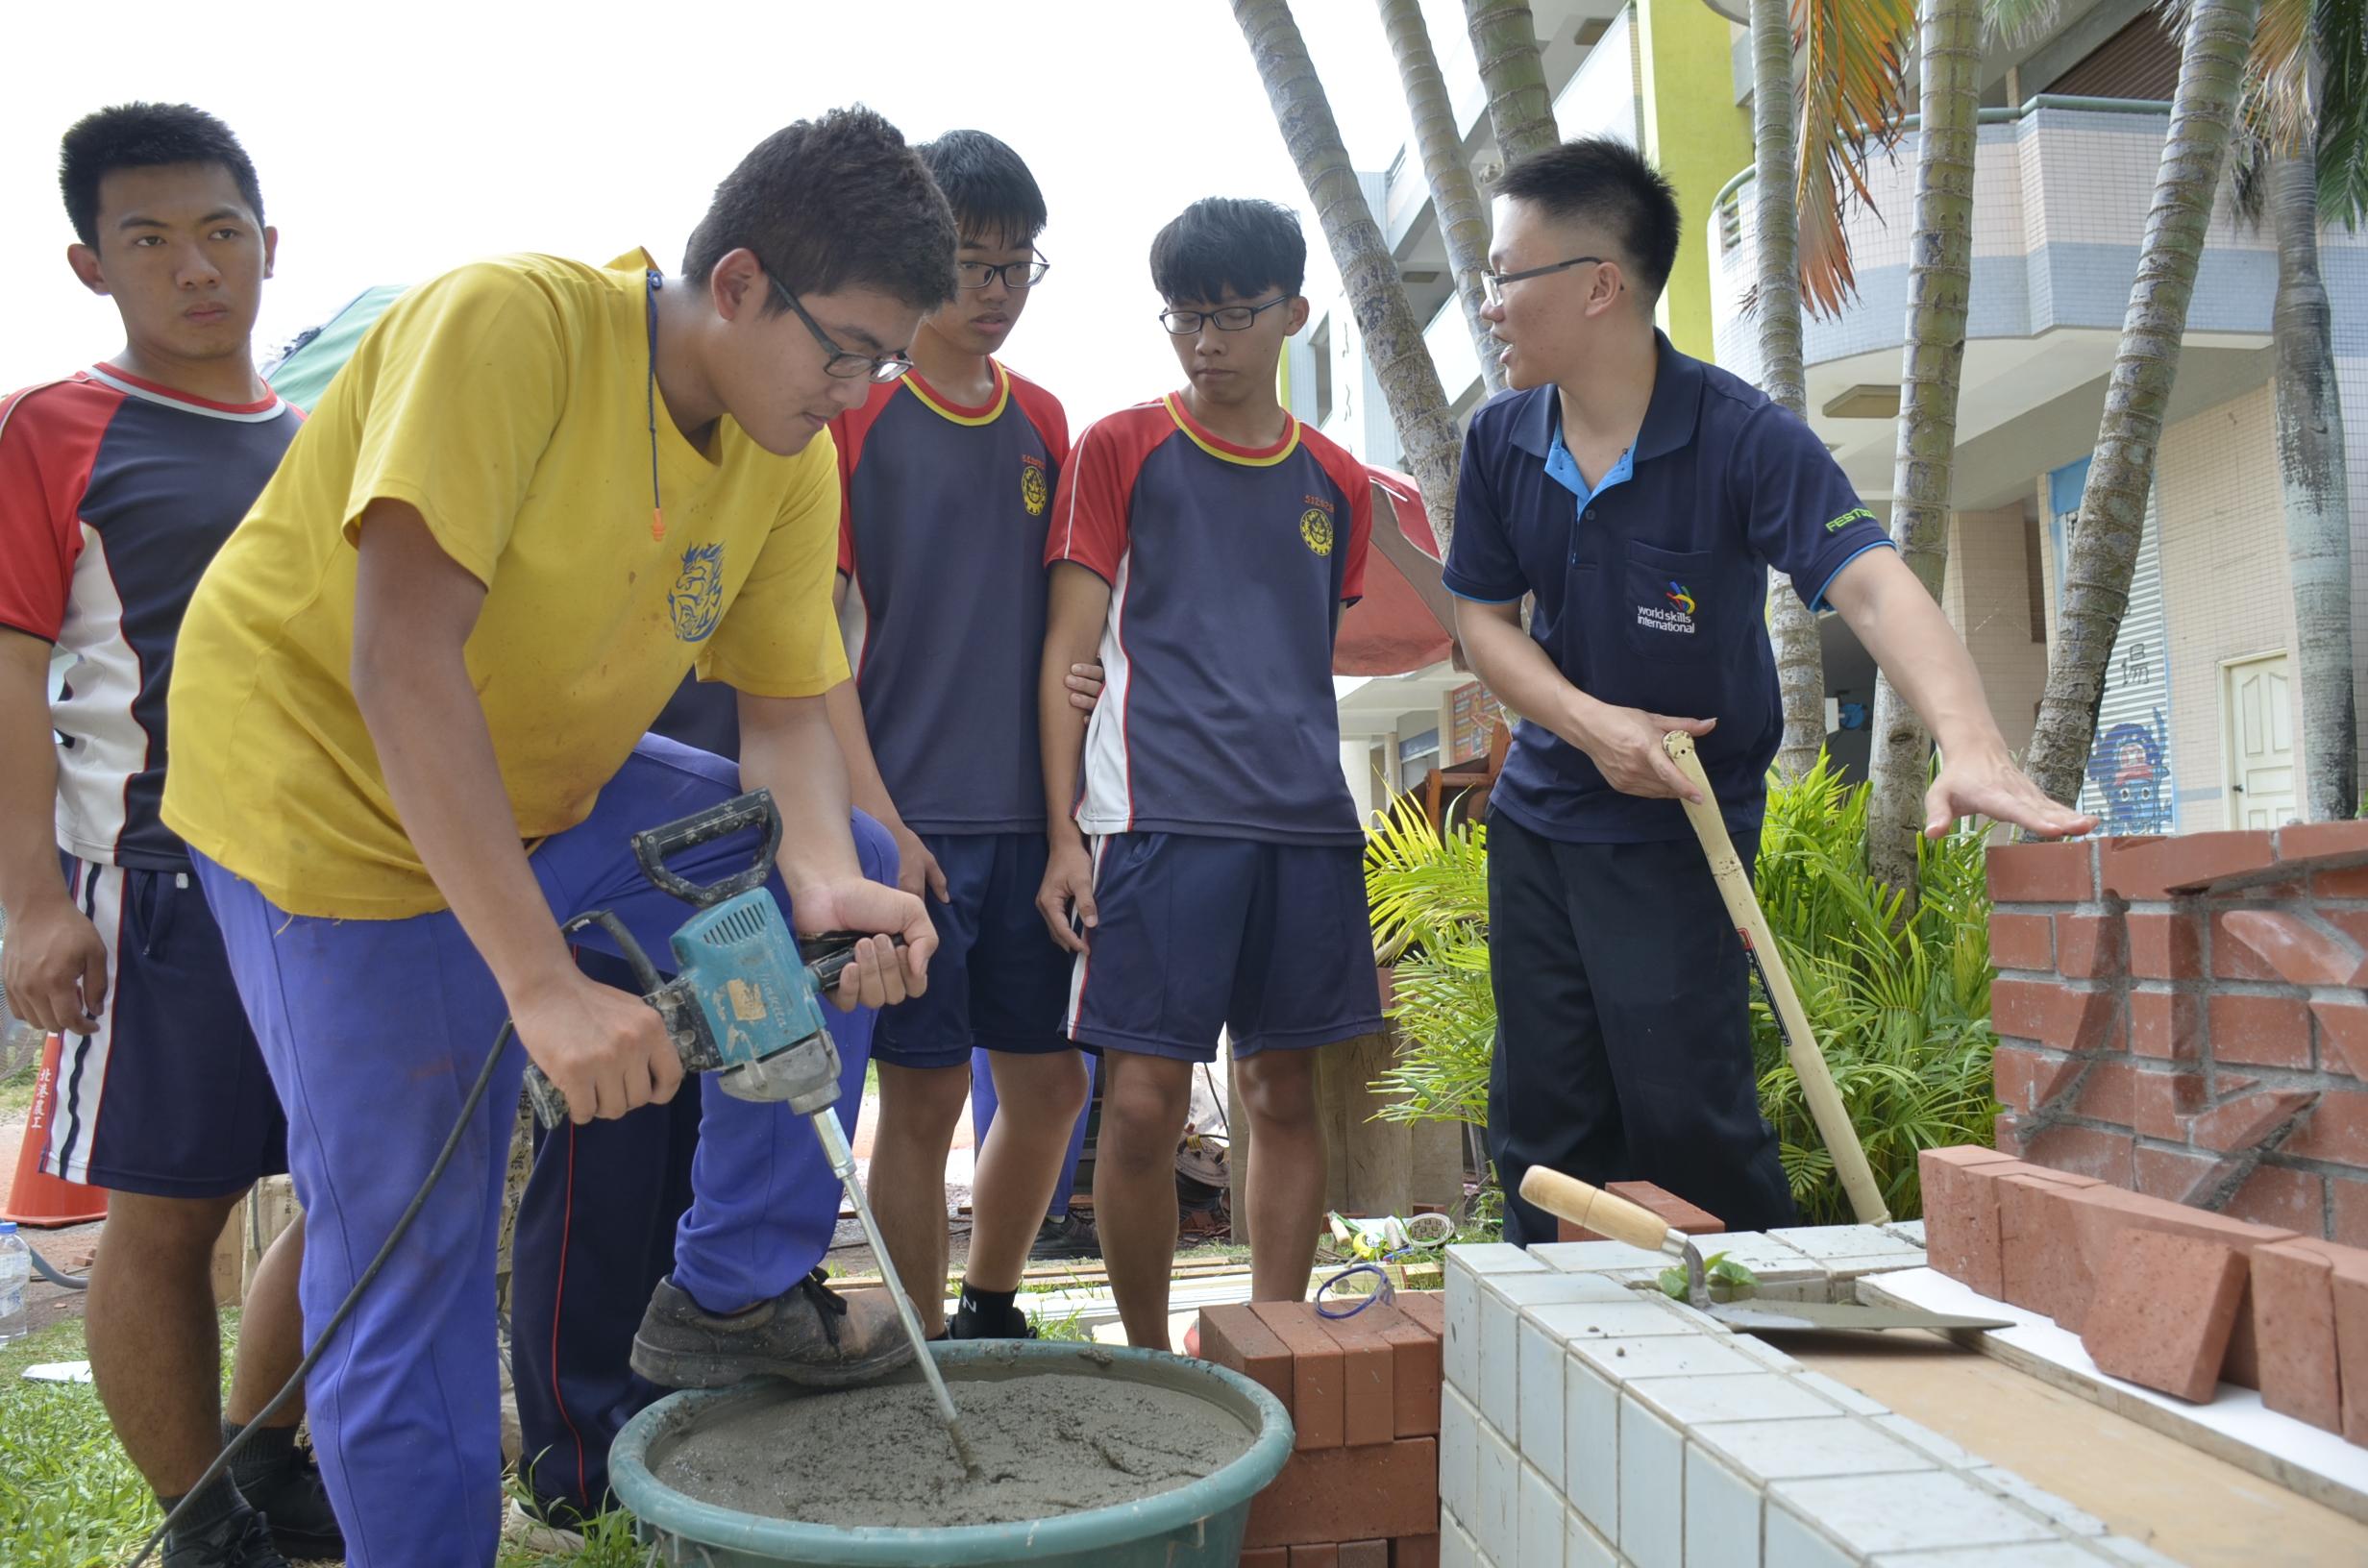 ▲砌磚國手周承誼為學生講解沙漿拌合技巧。